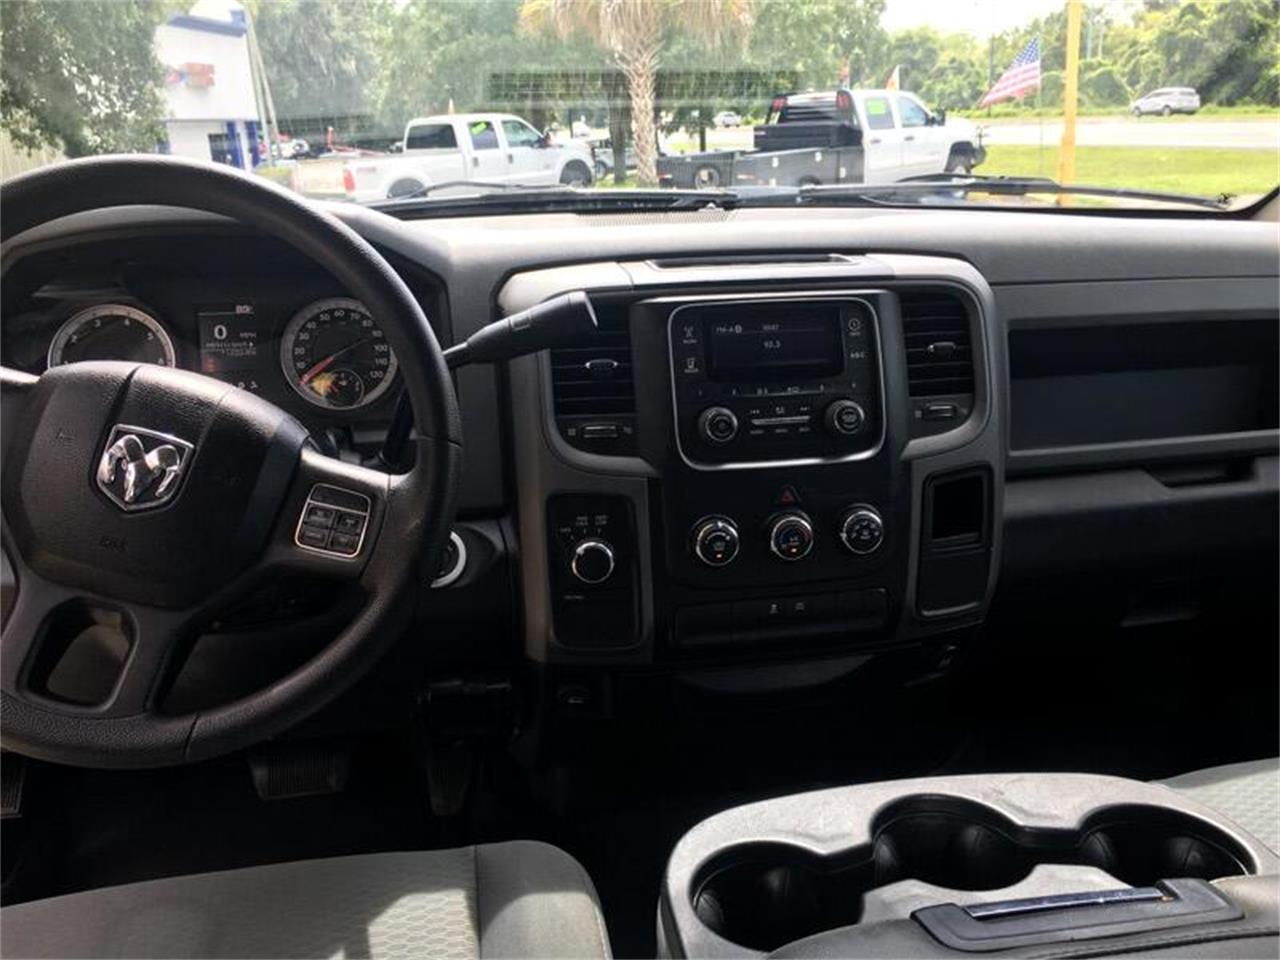 2013 Dodge Ram 1500 (CC-1384645) for sale in Tavares, Florida